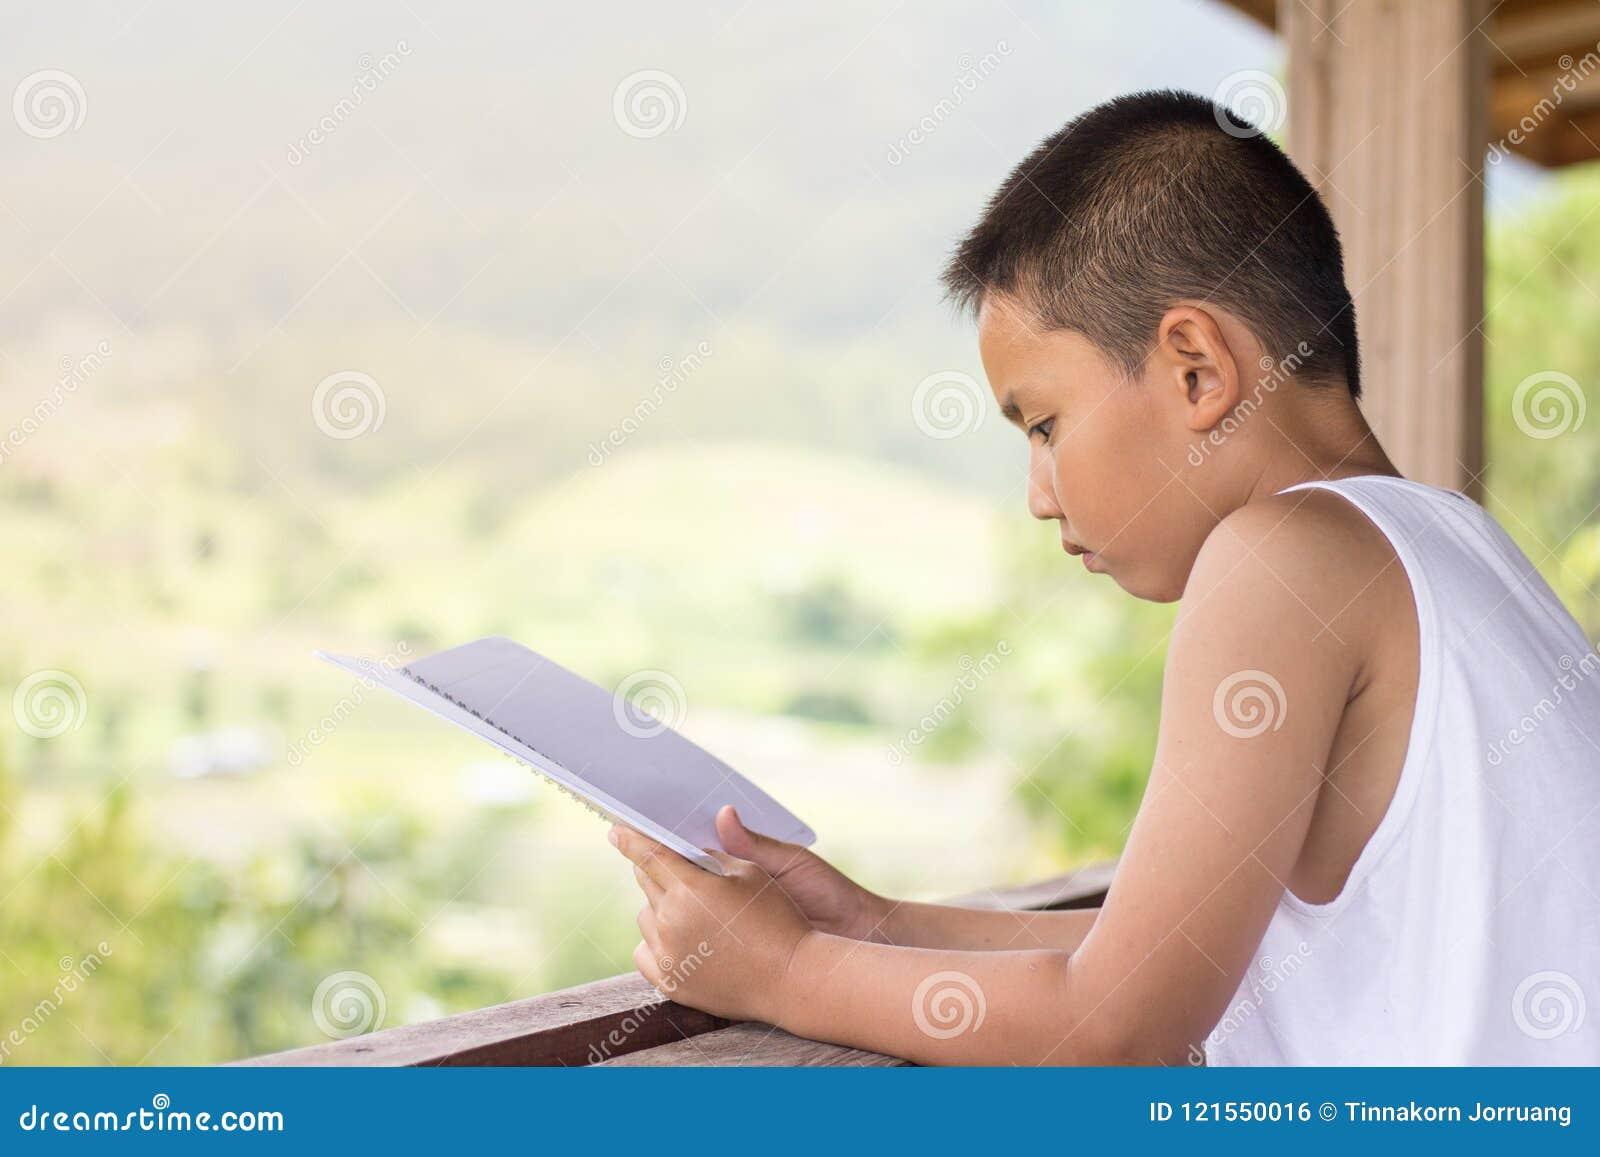 Дети сидят книги чтения для того чтобы найти знание дома